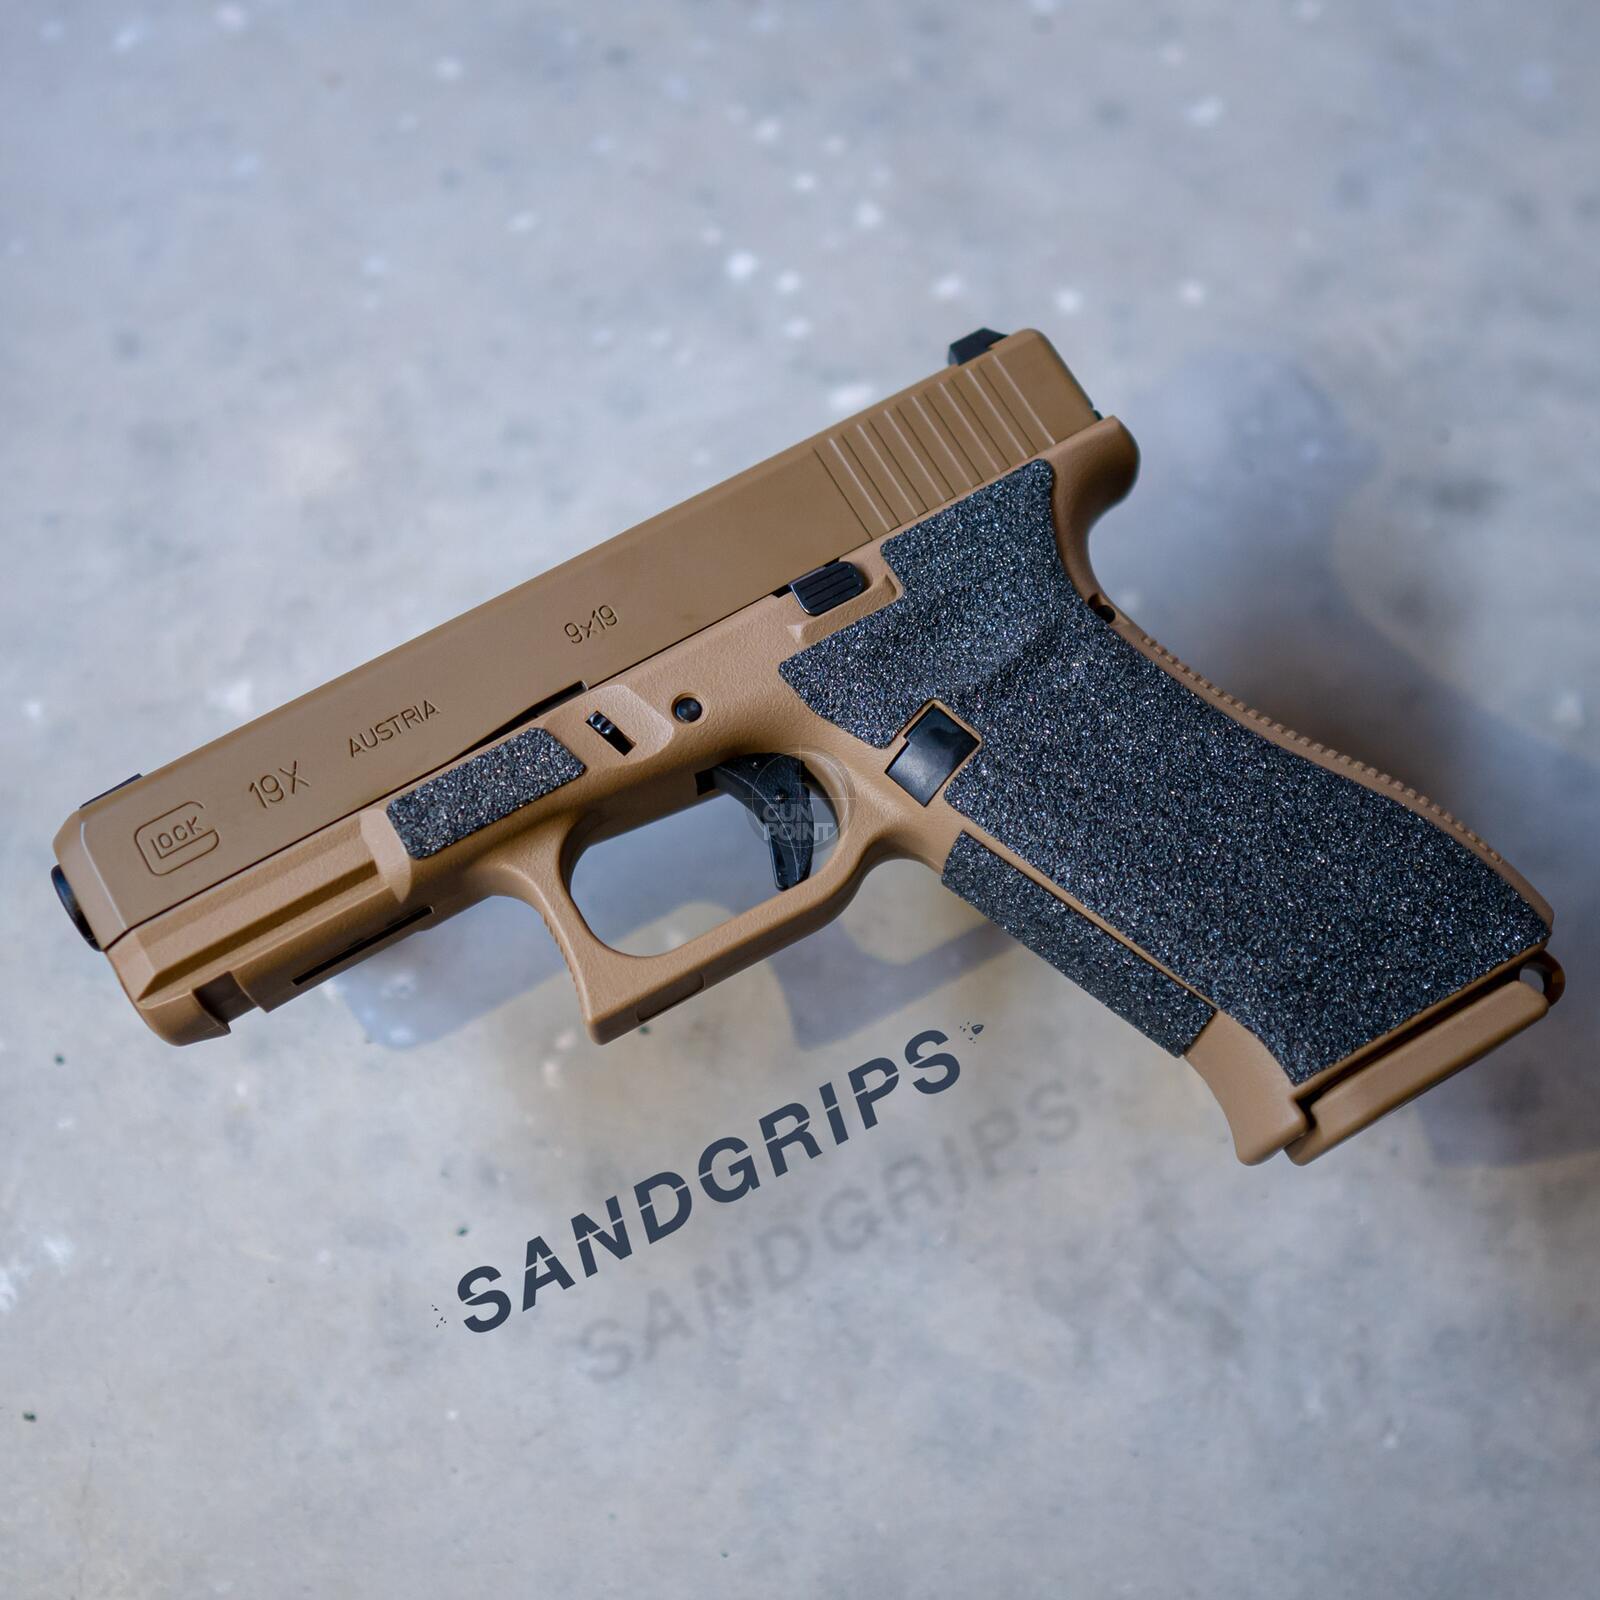 Sandgrip für Softair-Pistole Glock 19 Gen 4 » Gunpoin, 18,99 €